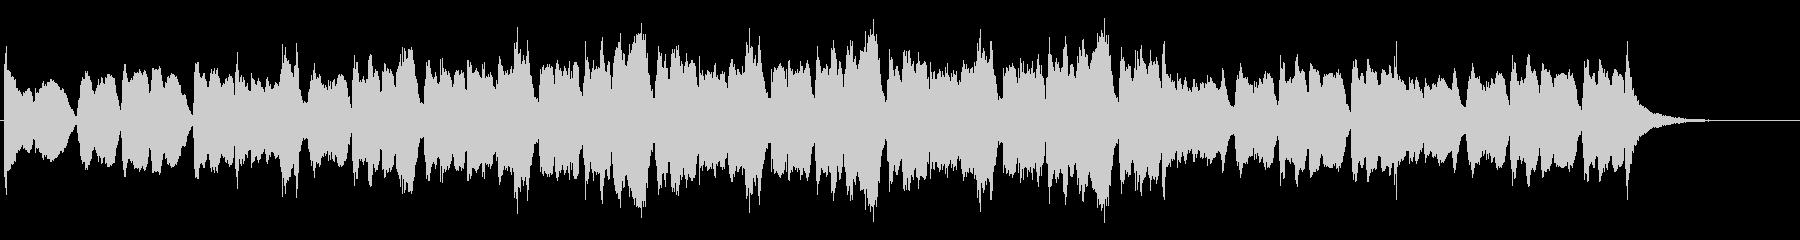 緊張感のあるリアルオーケストラサウンドの未再生の波形